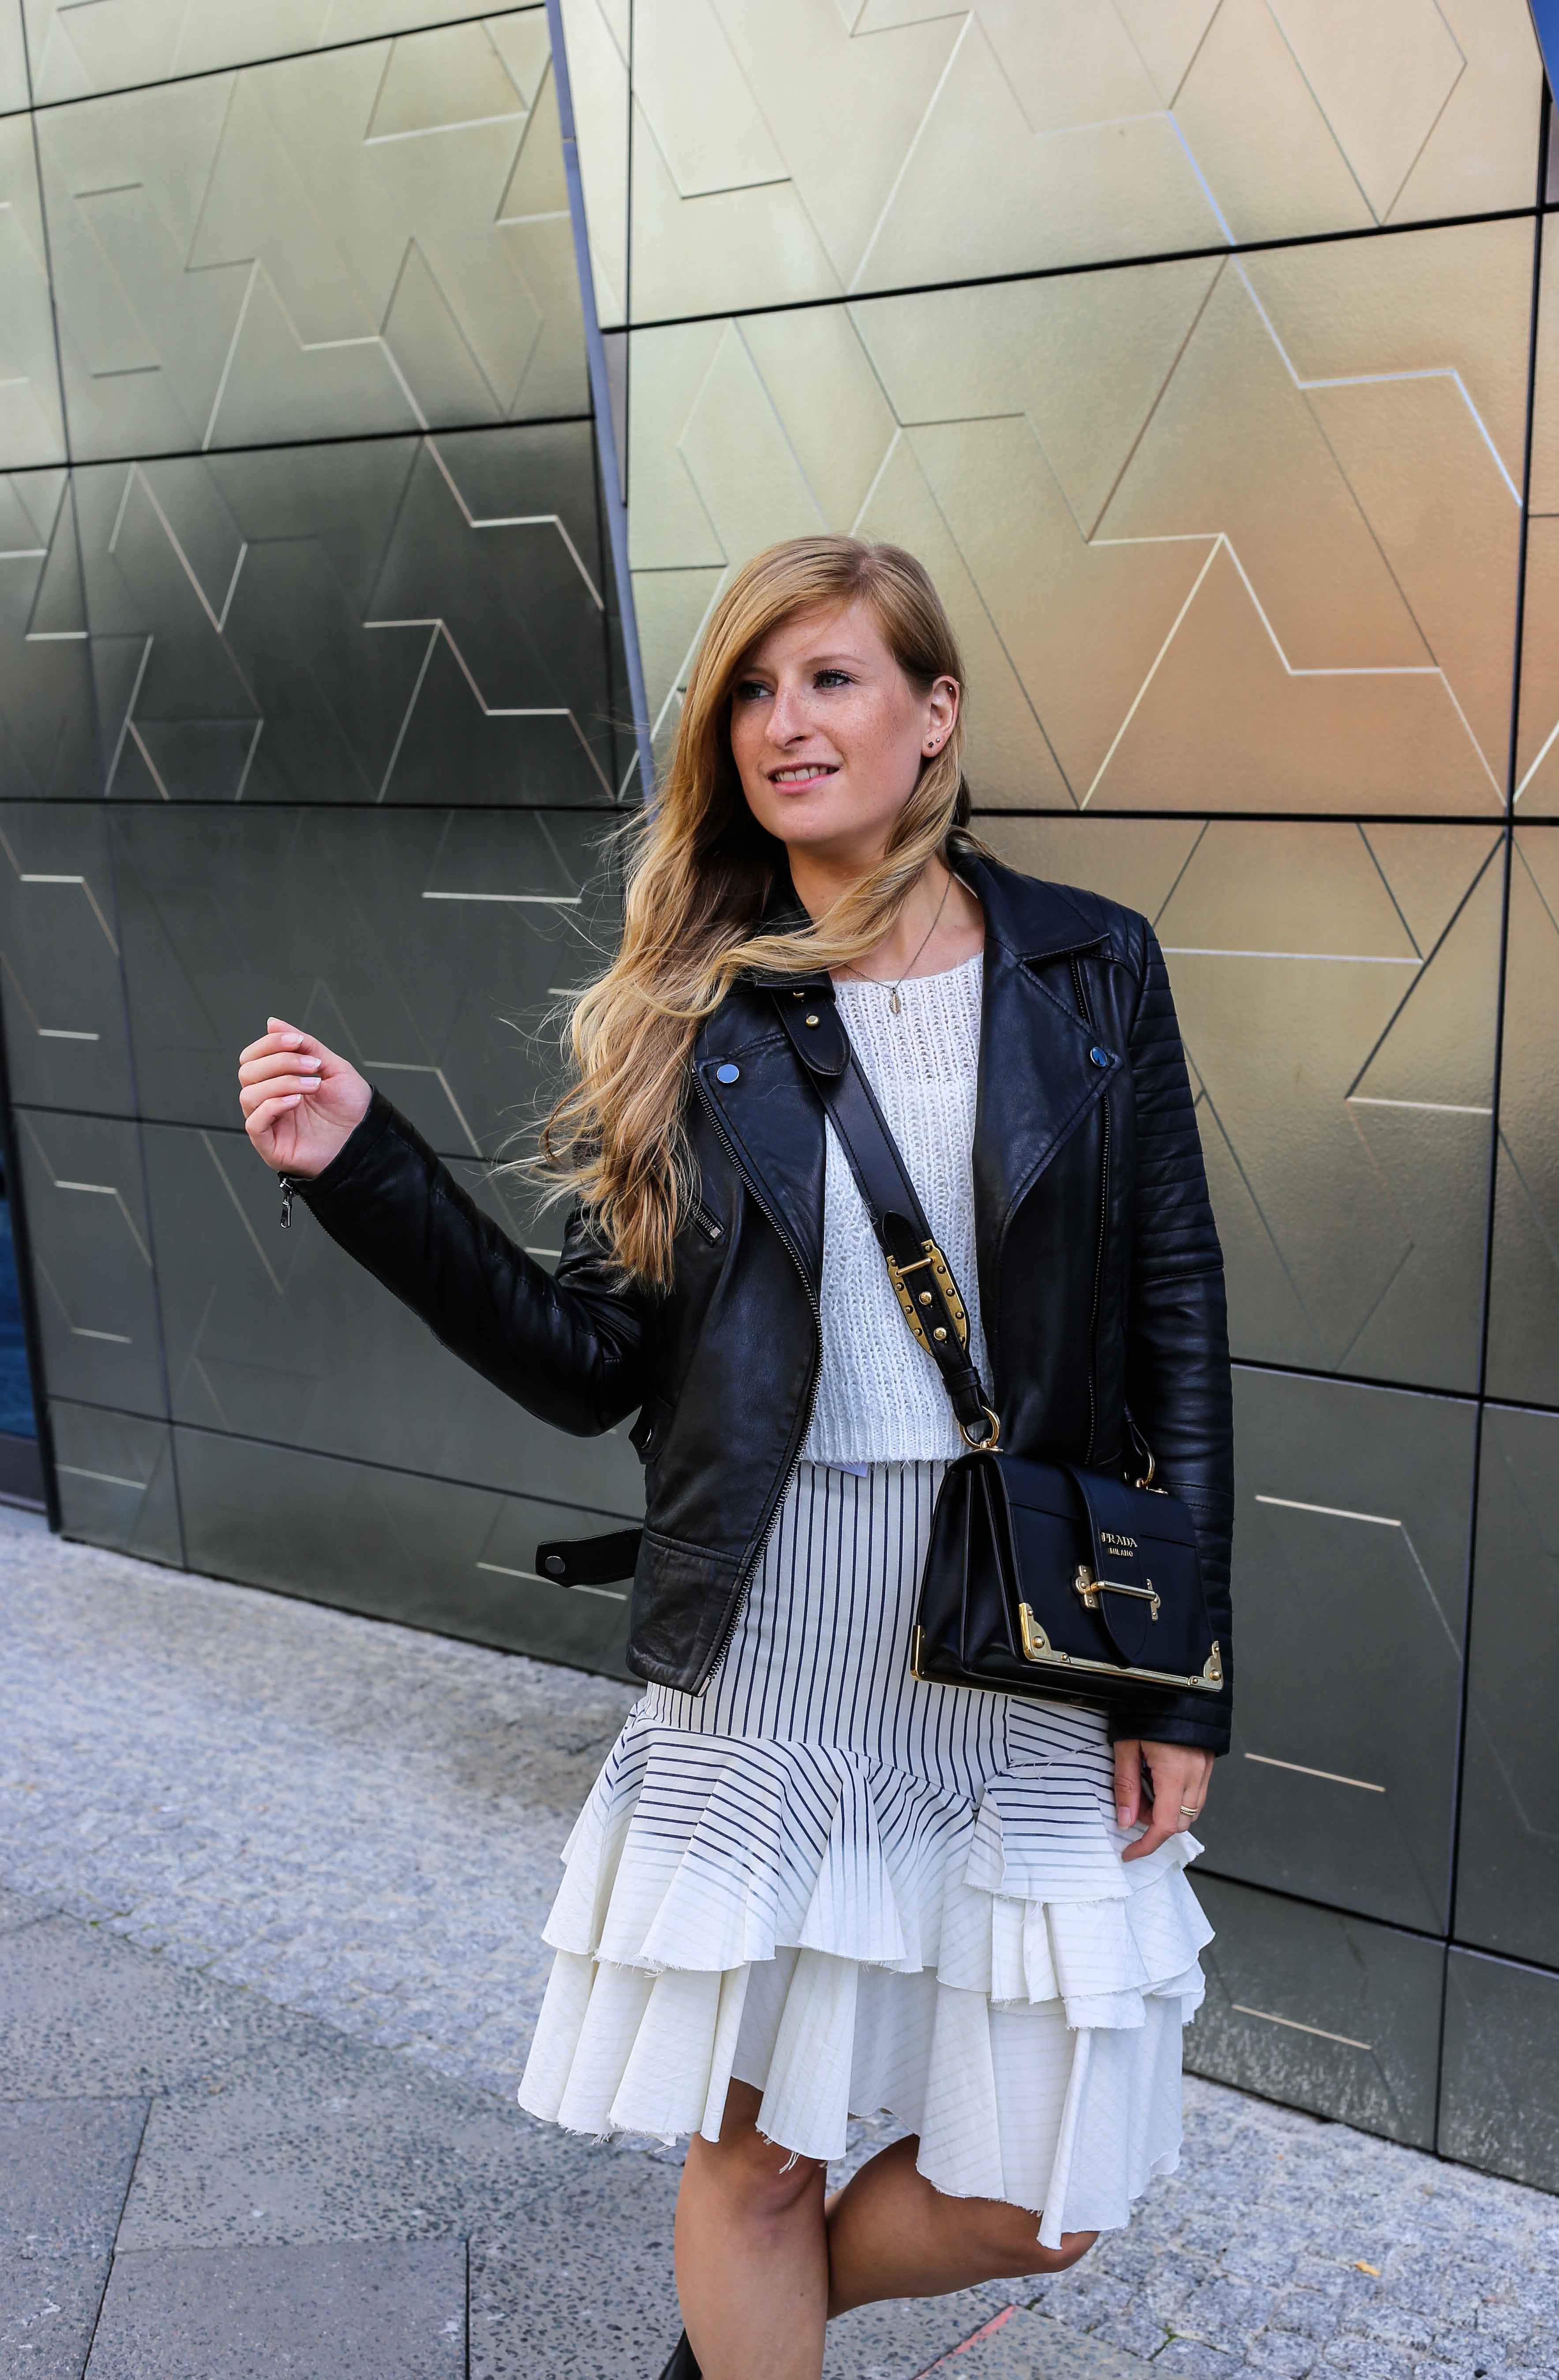 Fashion Week Outfit Berlin Asymmetrischer Jeansrock Streifen Zara Crop Top Mules Lederjacke Streetstyle Modeblog 8